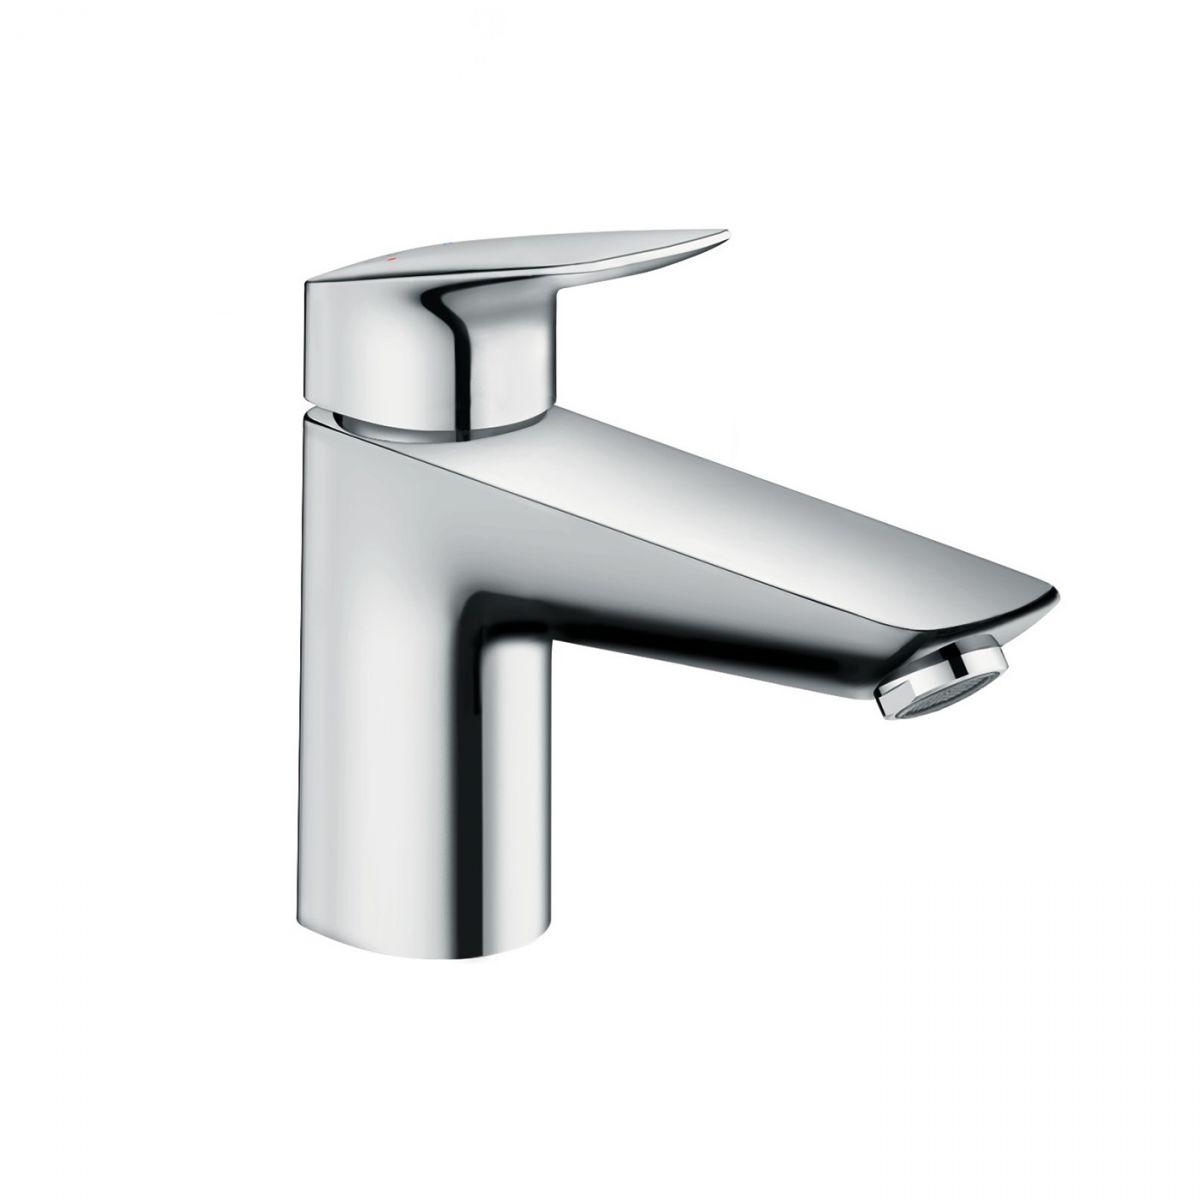 Hansgrohe Logis Monotrou Single Lever Bath Mixer Tap